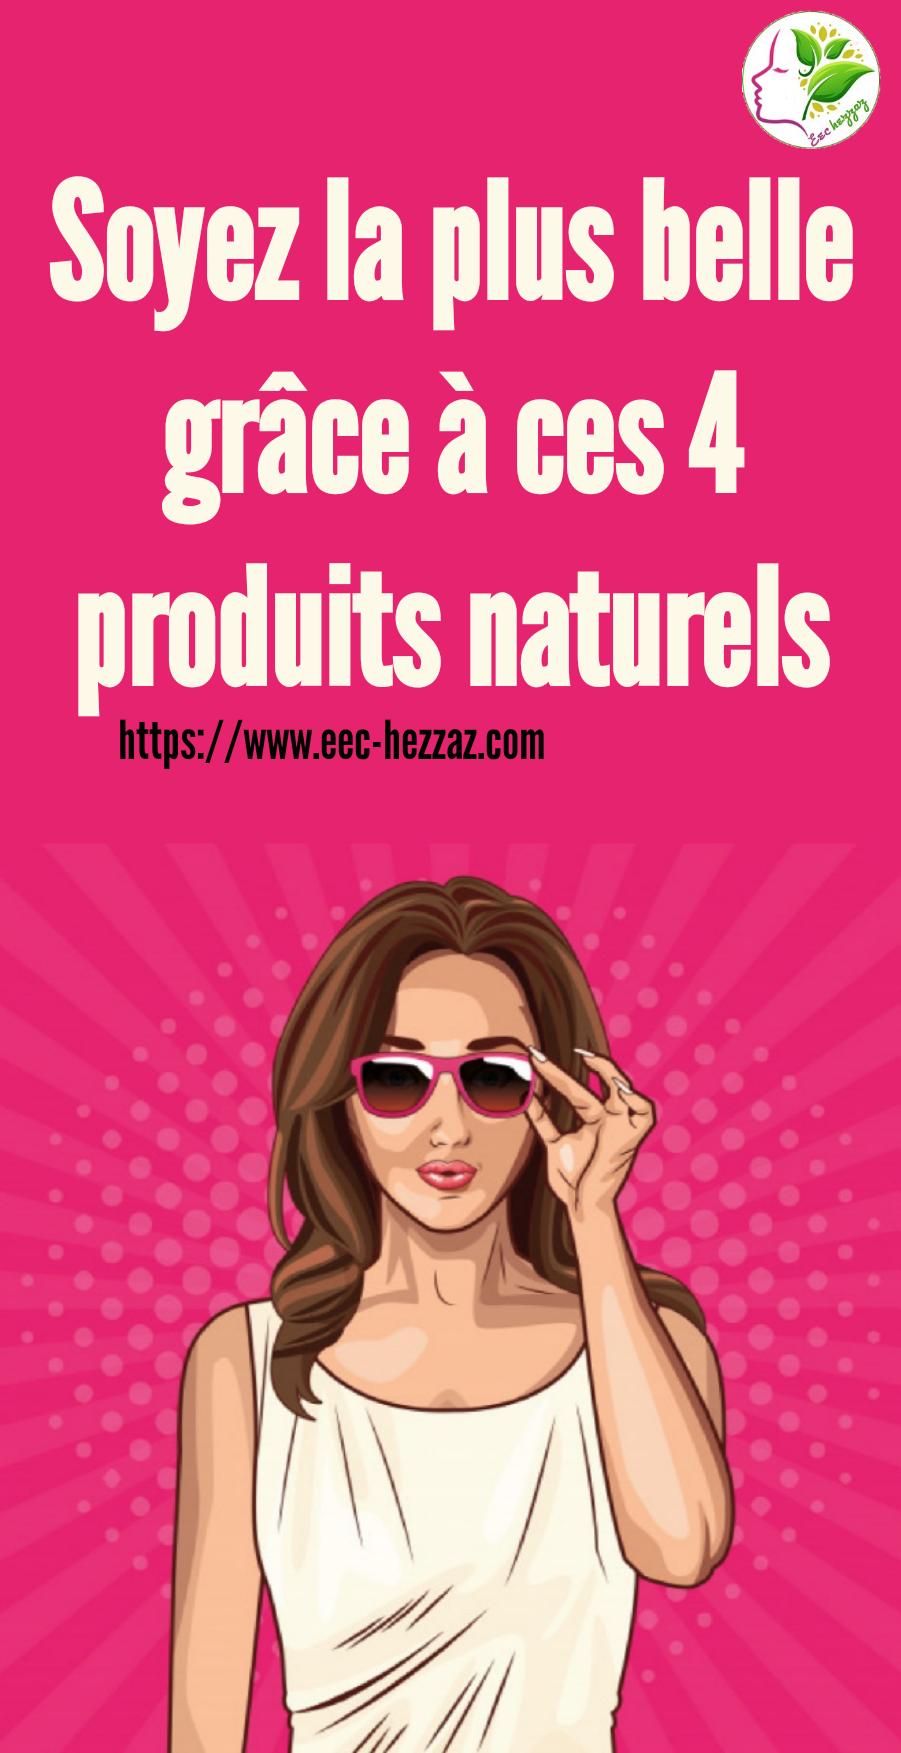 Soyez la plus belle grâce à ces 4 produits naturels